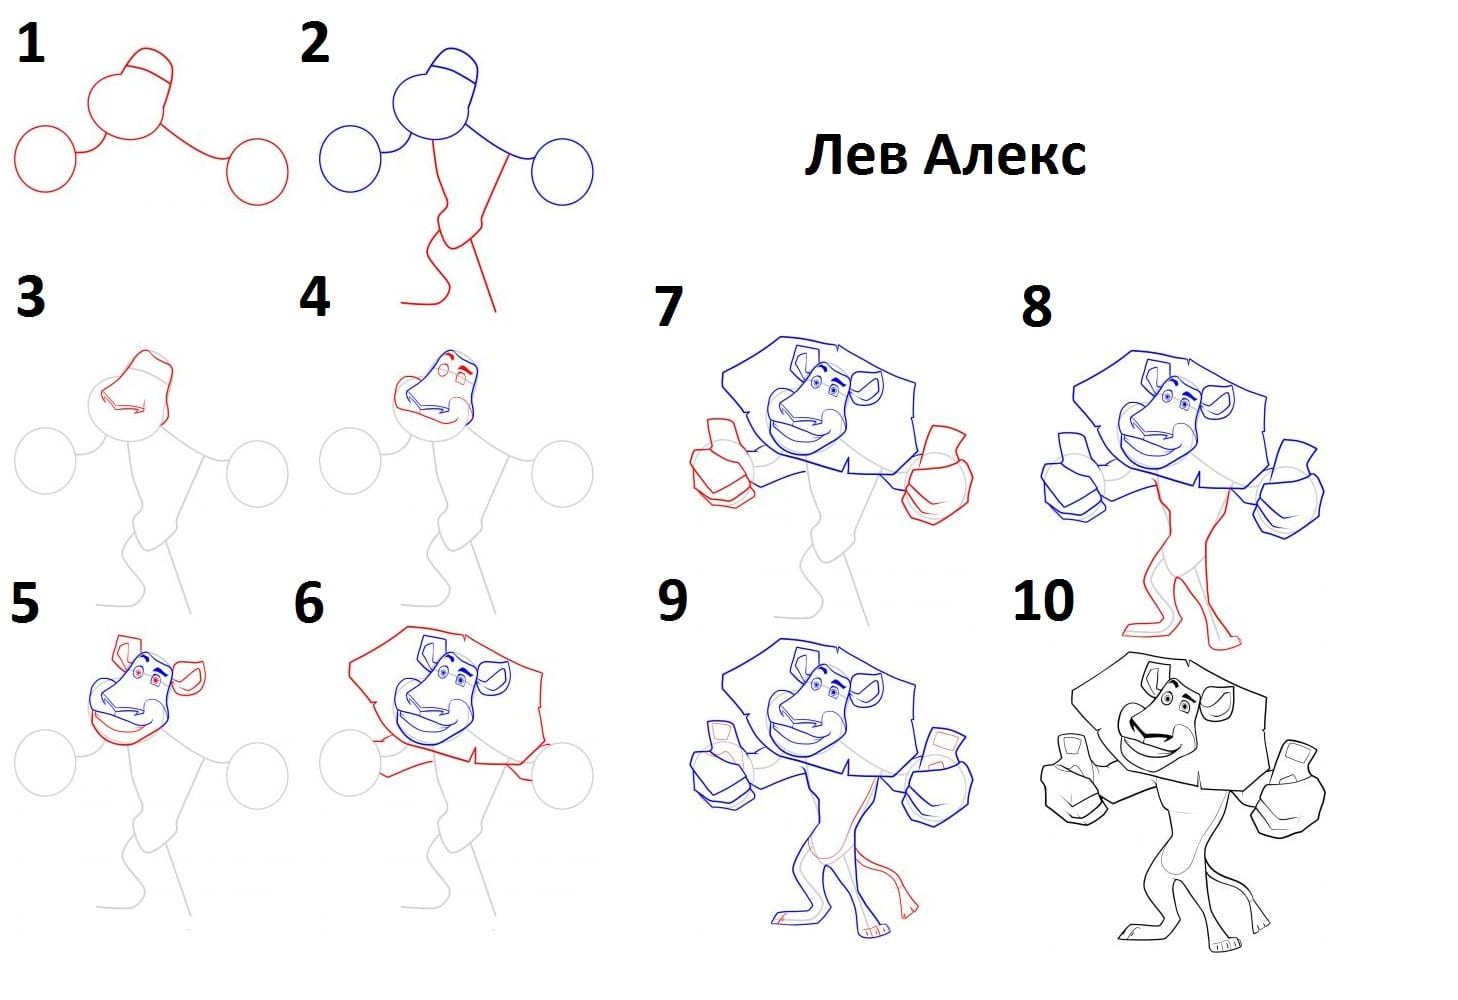 как нарисовать льва Алекса